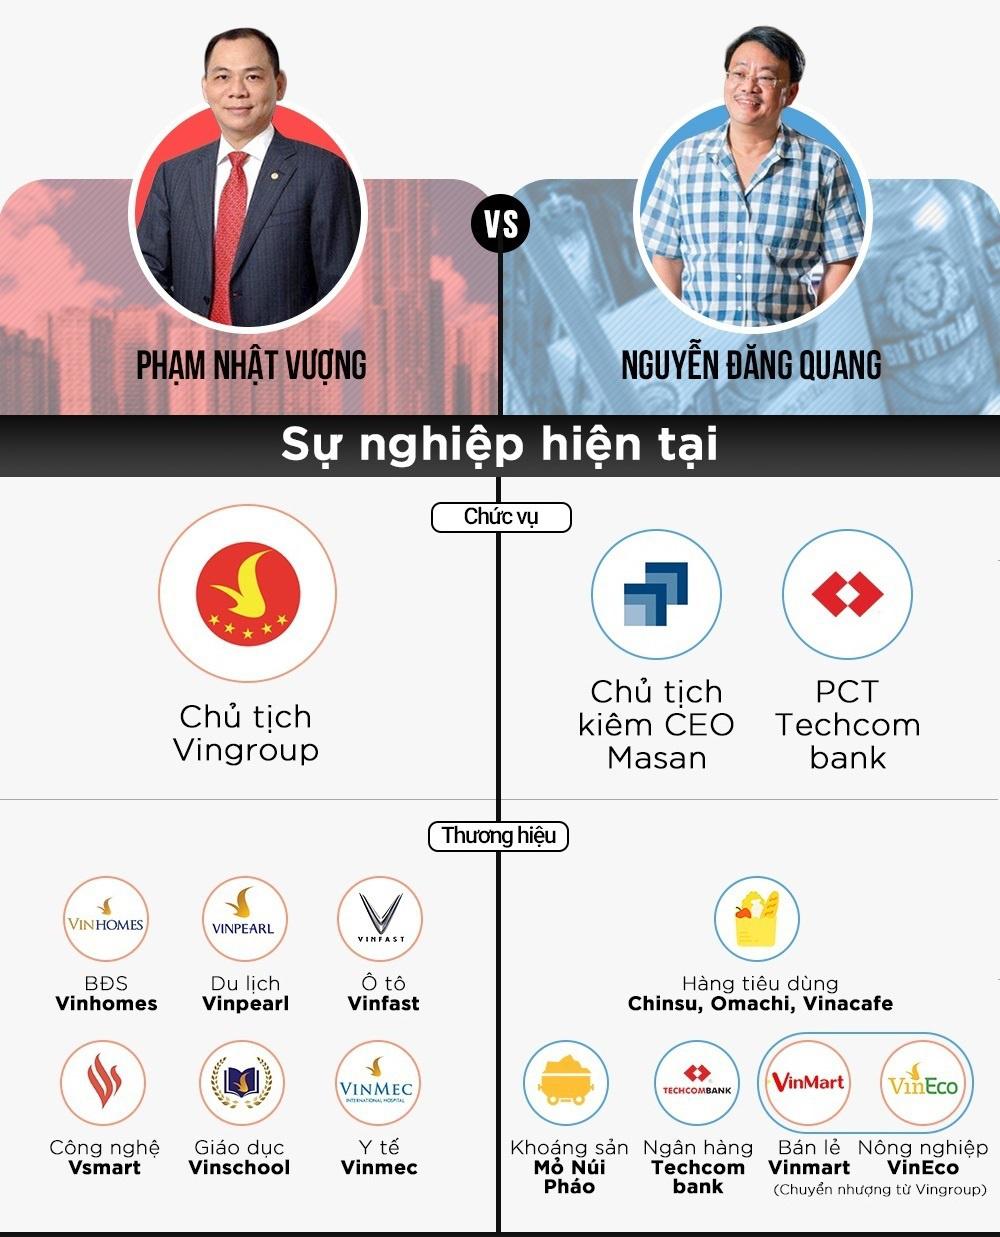 Hai tỉ phú Việt hợp tác thế nào trước khi sáp nhập Vinmart vào Masan? - Ảnh 1.